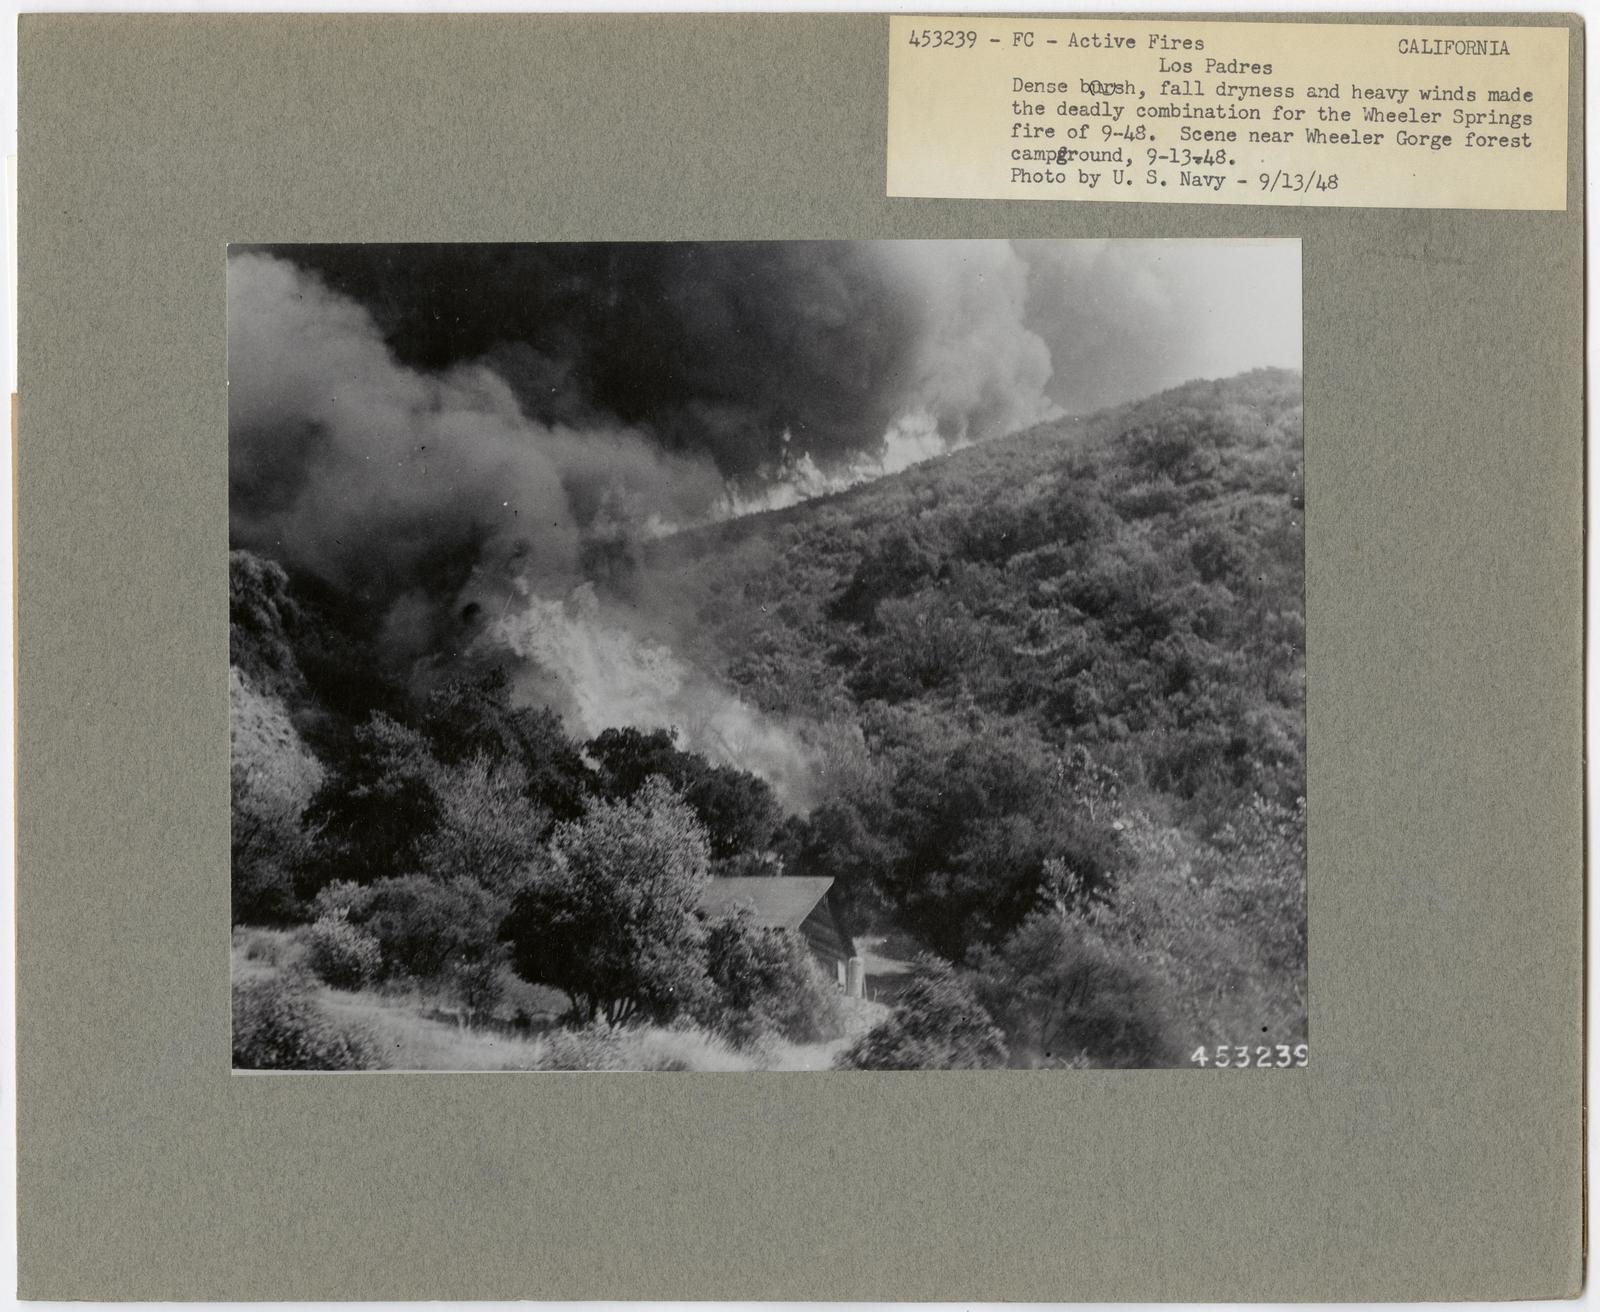 Active Fires - California